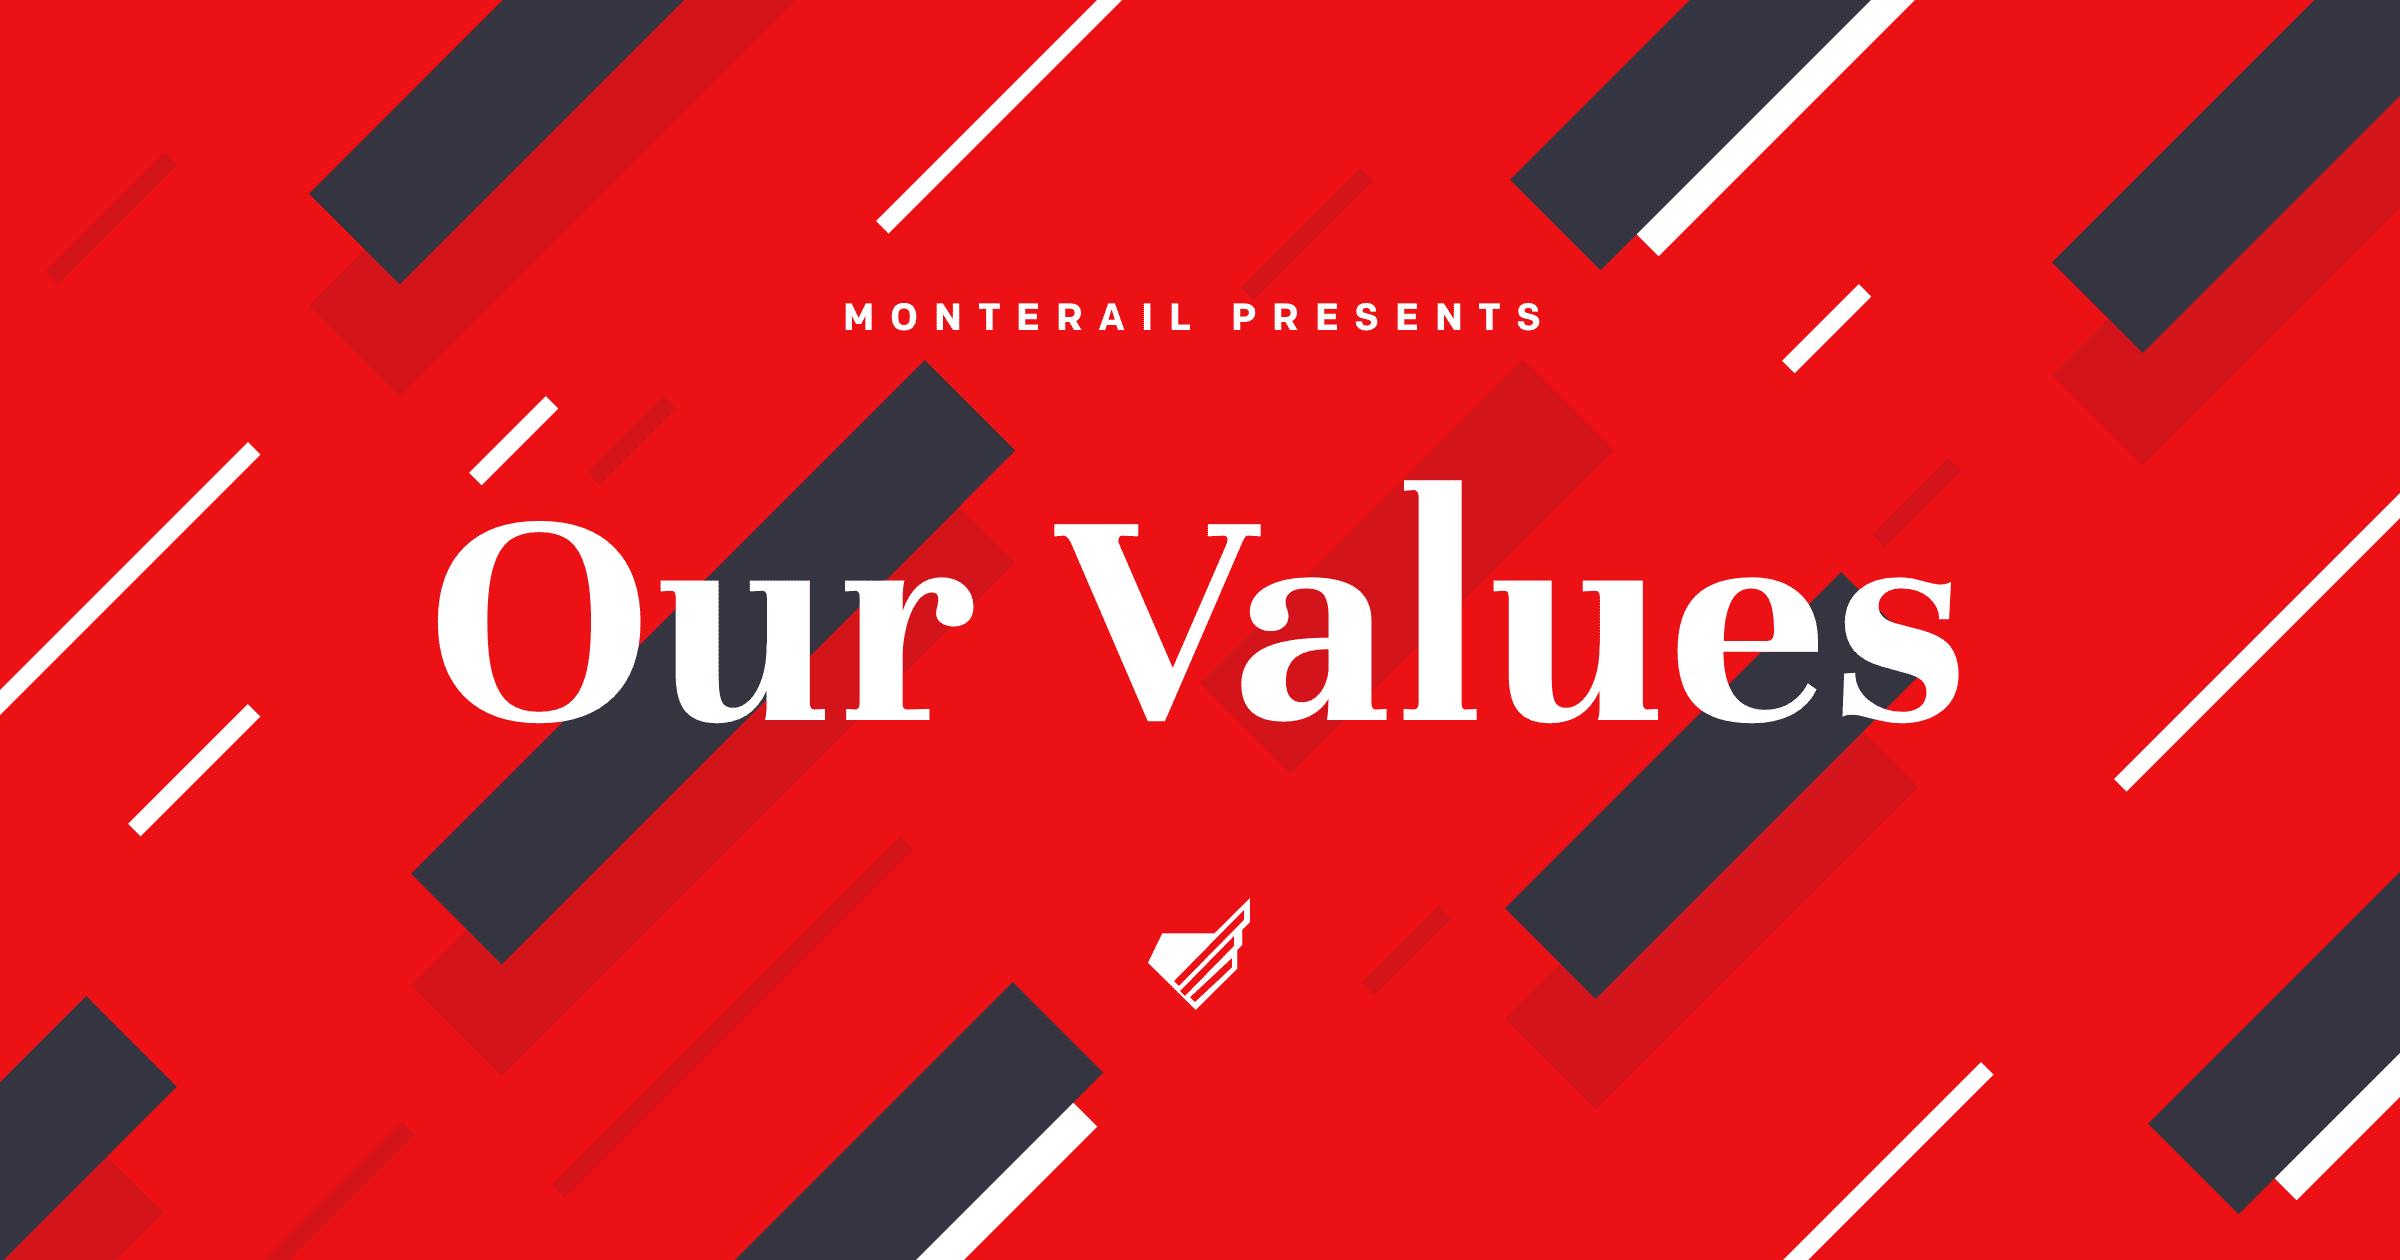 Monterail's Core Values